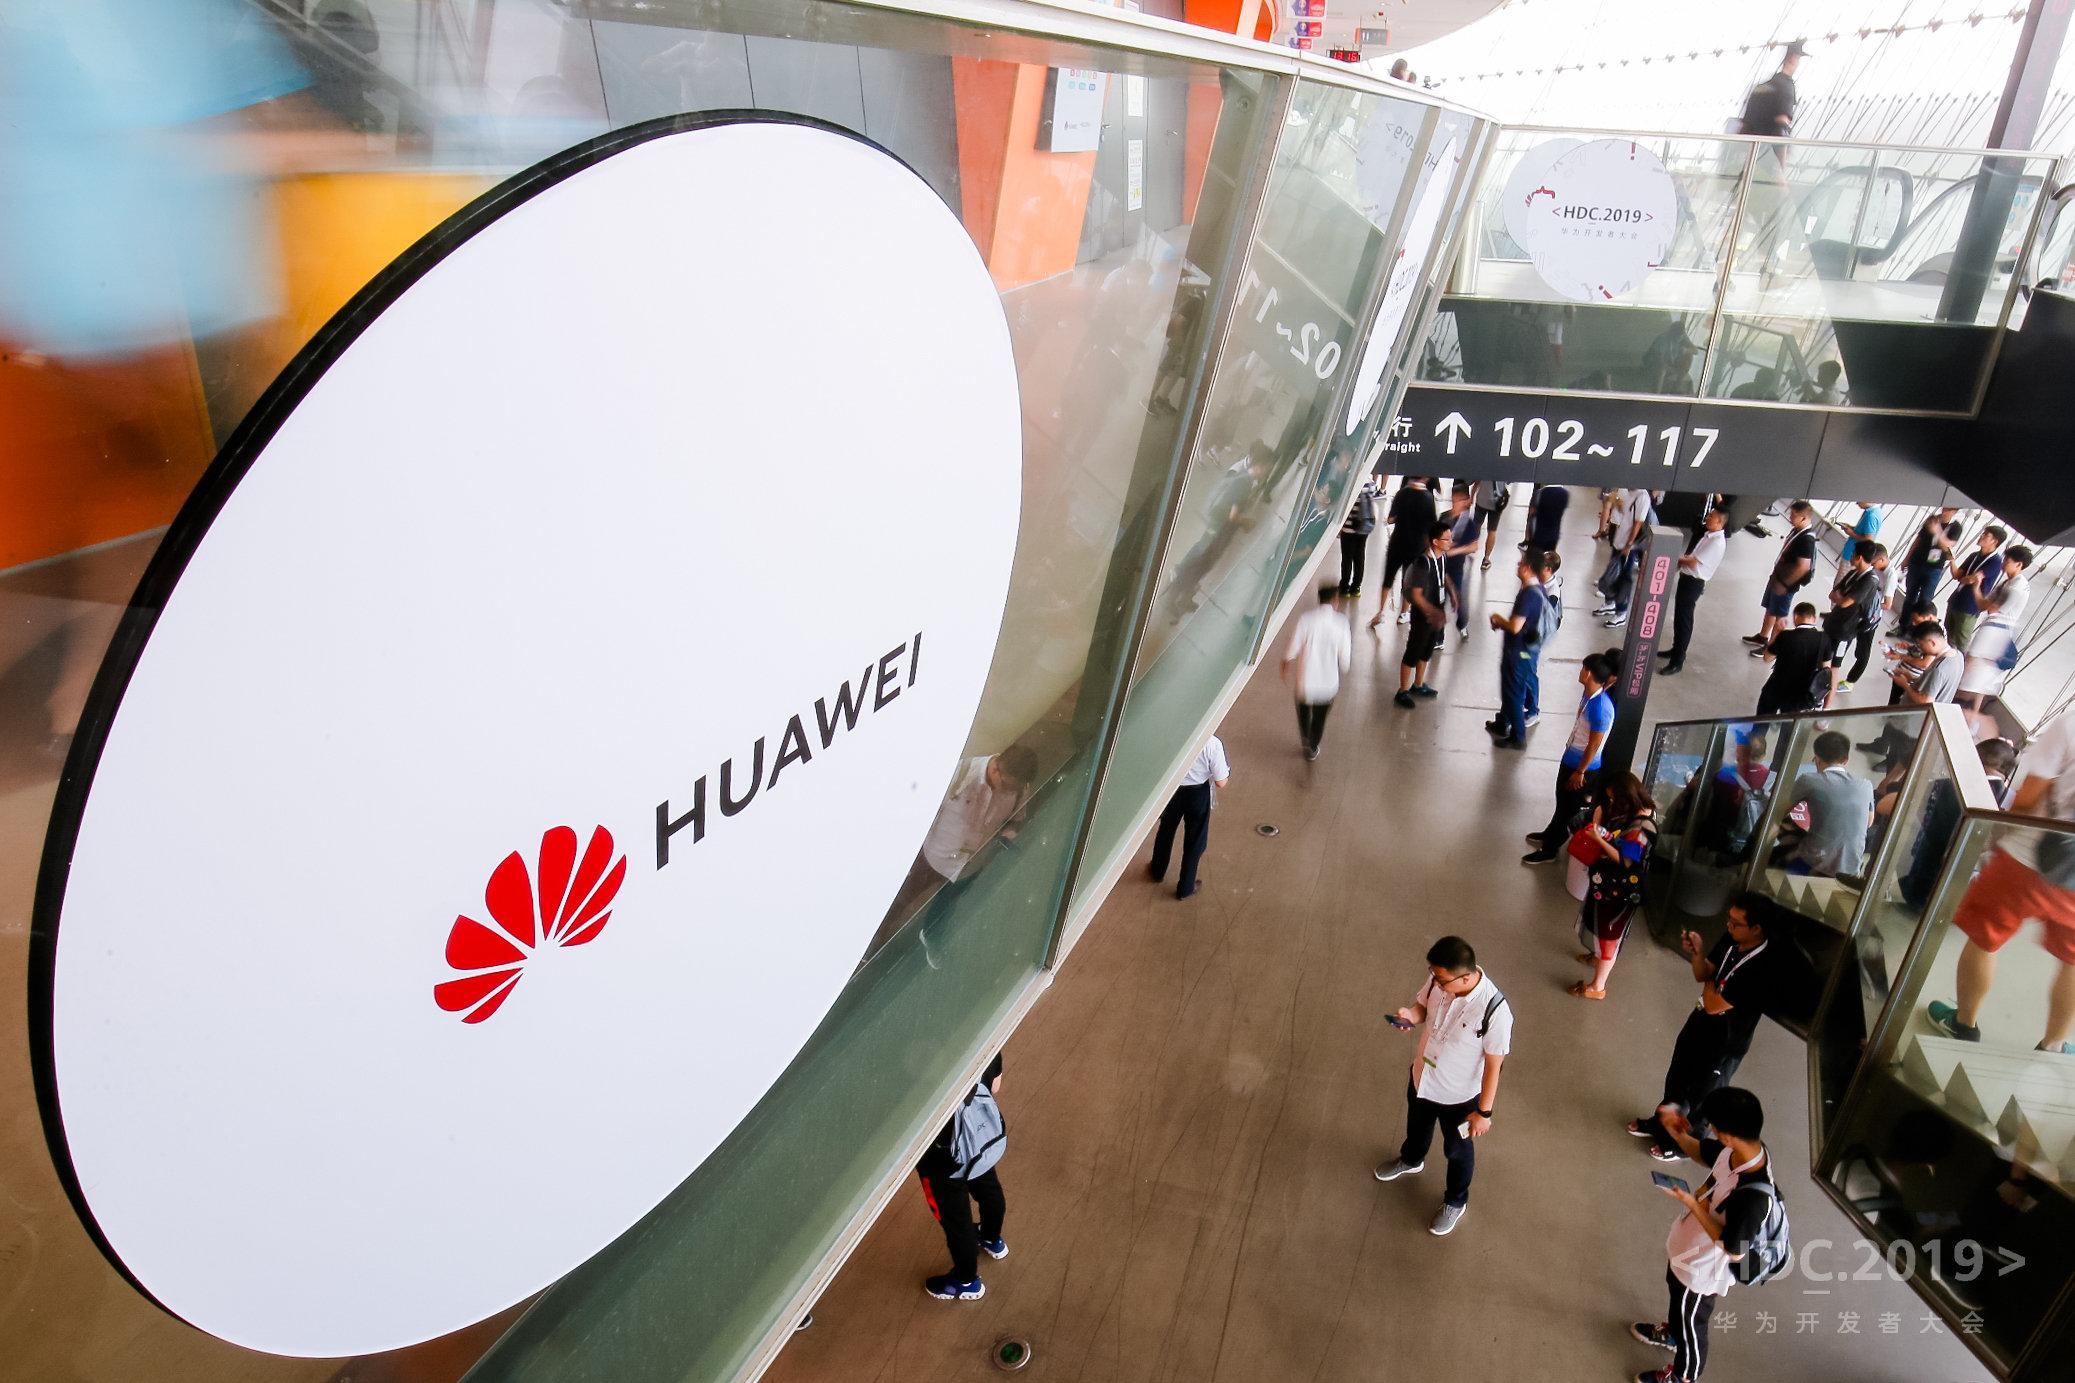 Niente bando per Huawei, gli smartphone funzionano ancora